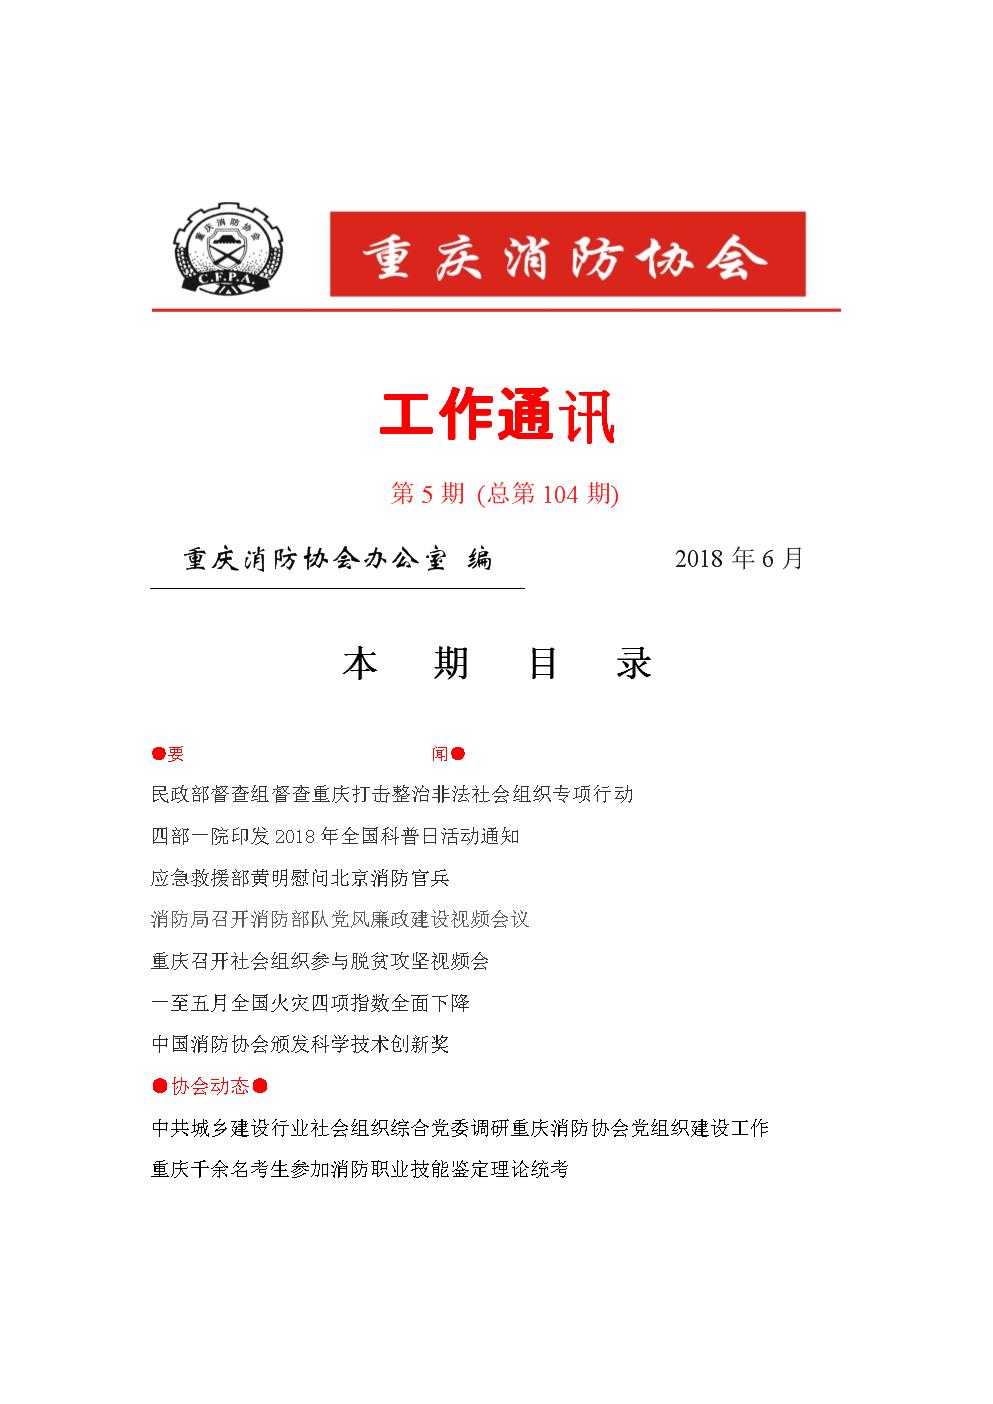 重庆消防协会第一次联络员会议.doc